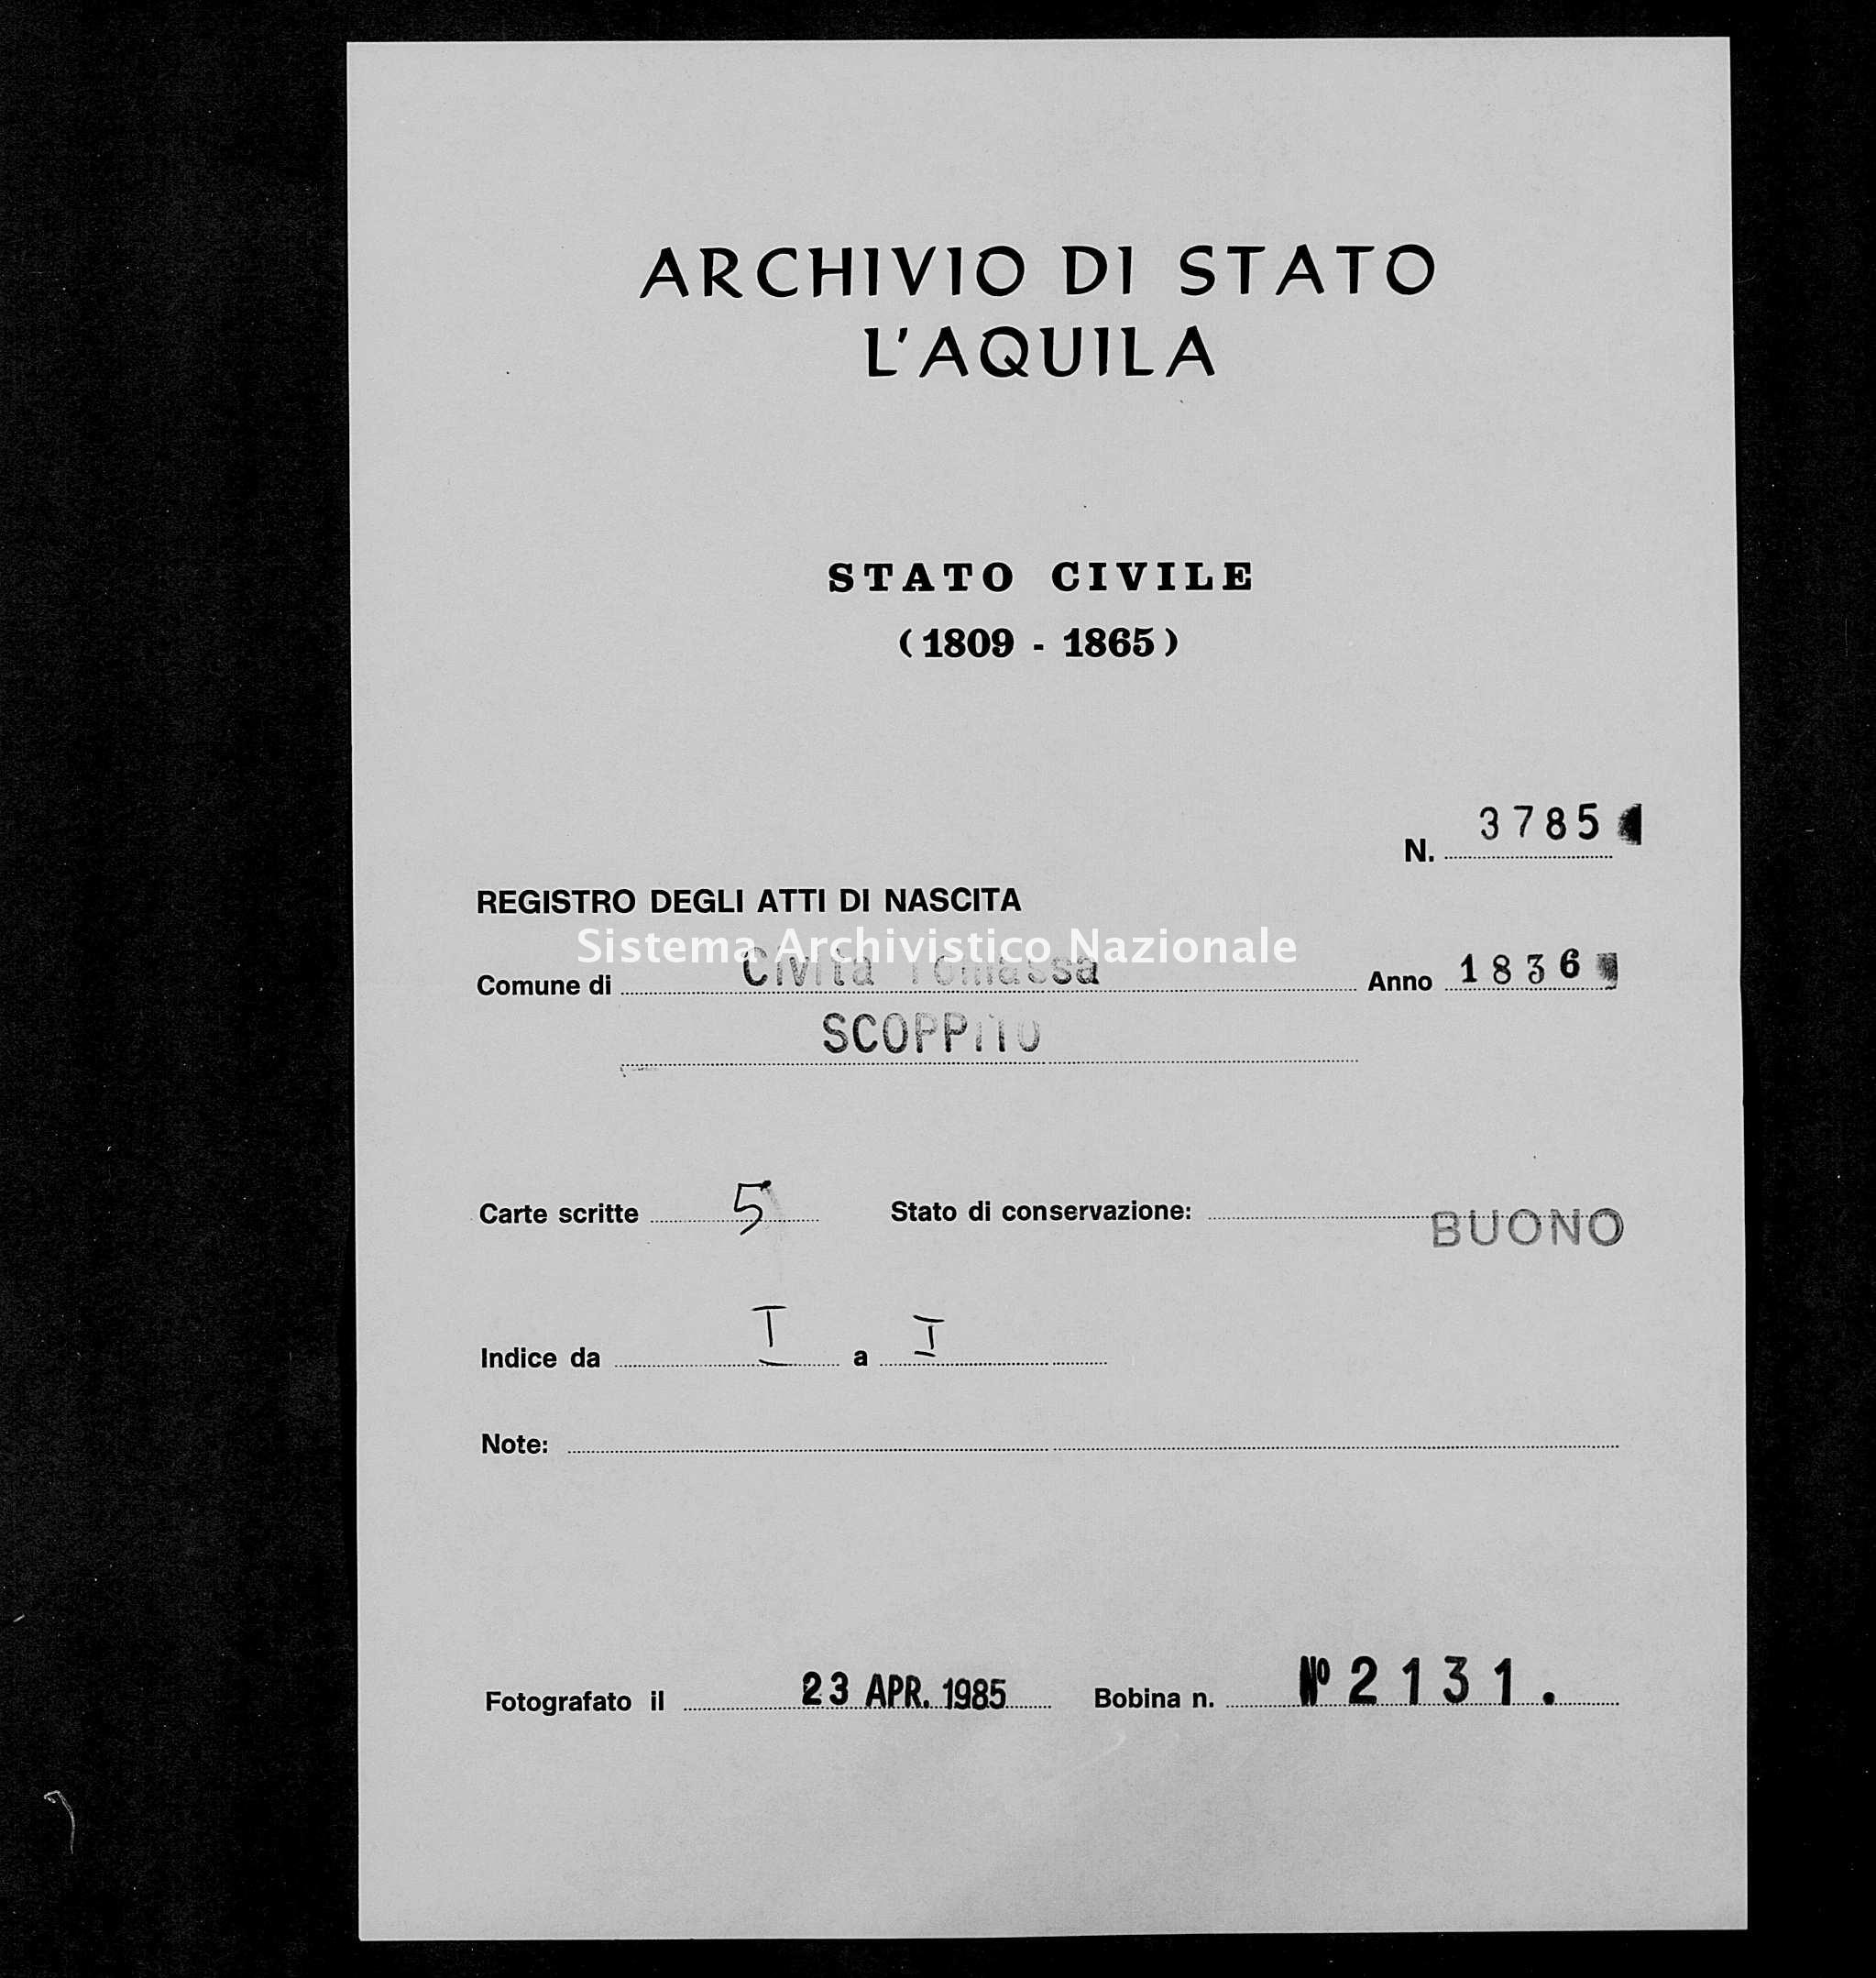 Archivio di stato di L'aquila - Stato civile della restaurazione - Civitatomassa - Nati - 1836 - 3785 -